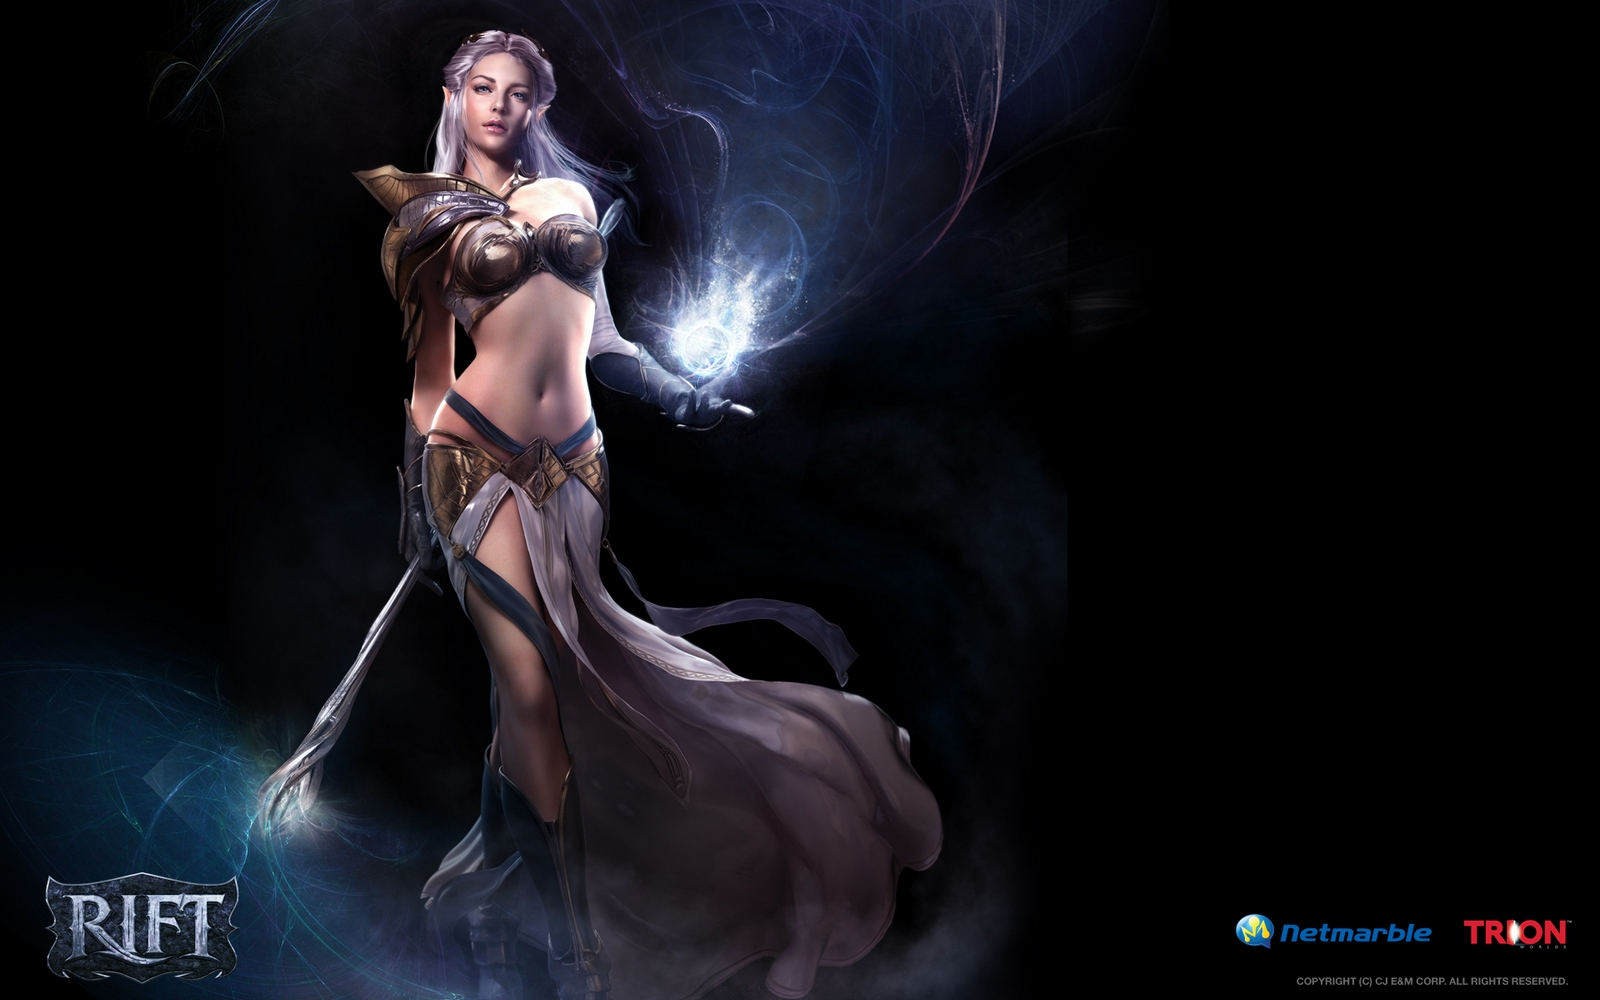 http://3.bp.blogspot.com/-tCtGBasCef8/UFxvuyoF0PI/AAAAAAAAQhU/D97r0g5Iyeg/s1600/Rift_Online_Game_Wallpaper.jpg